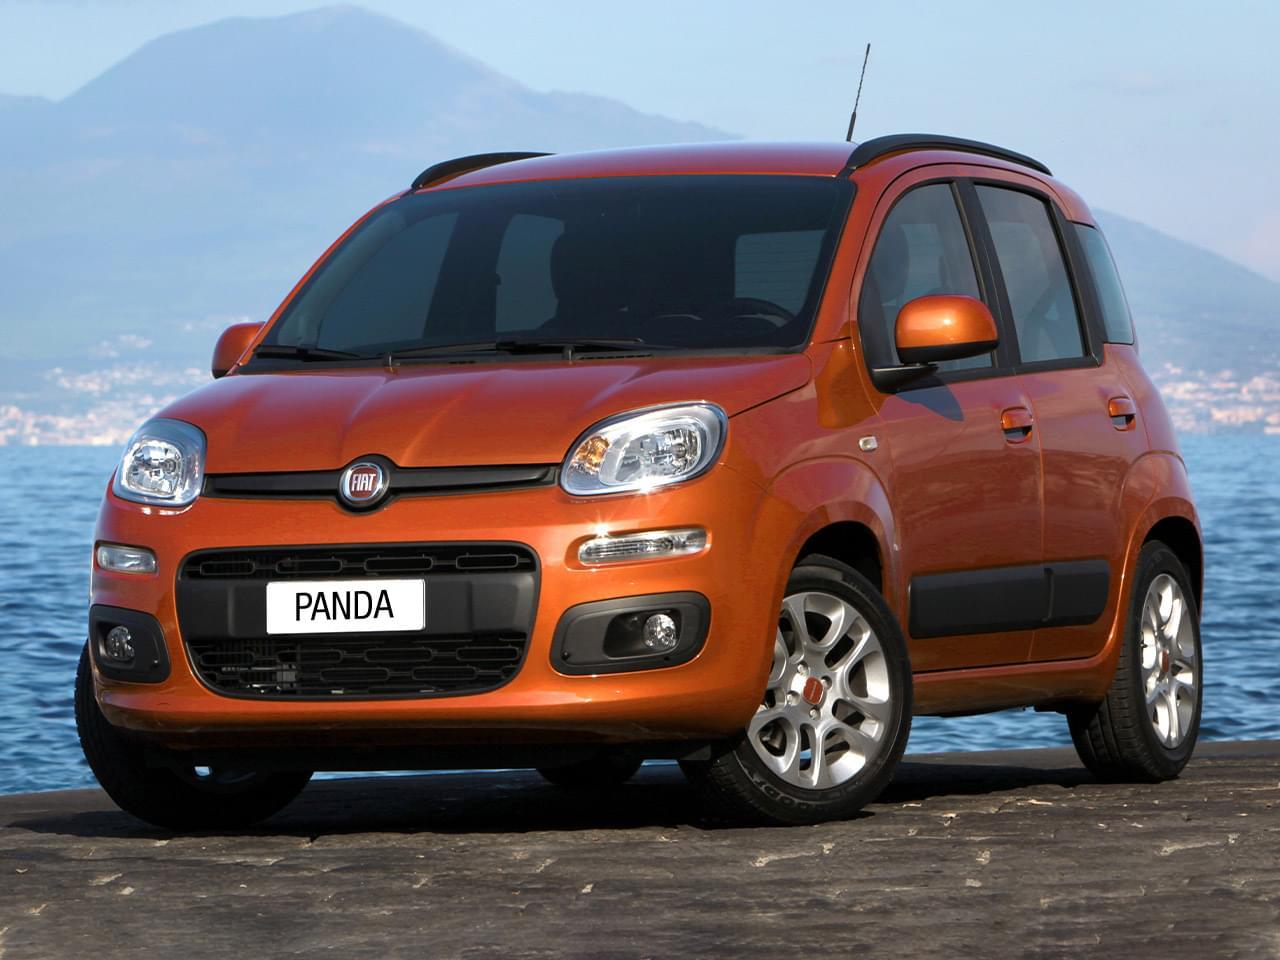 Fiat Panda Easy 1.2 8V